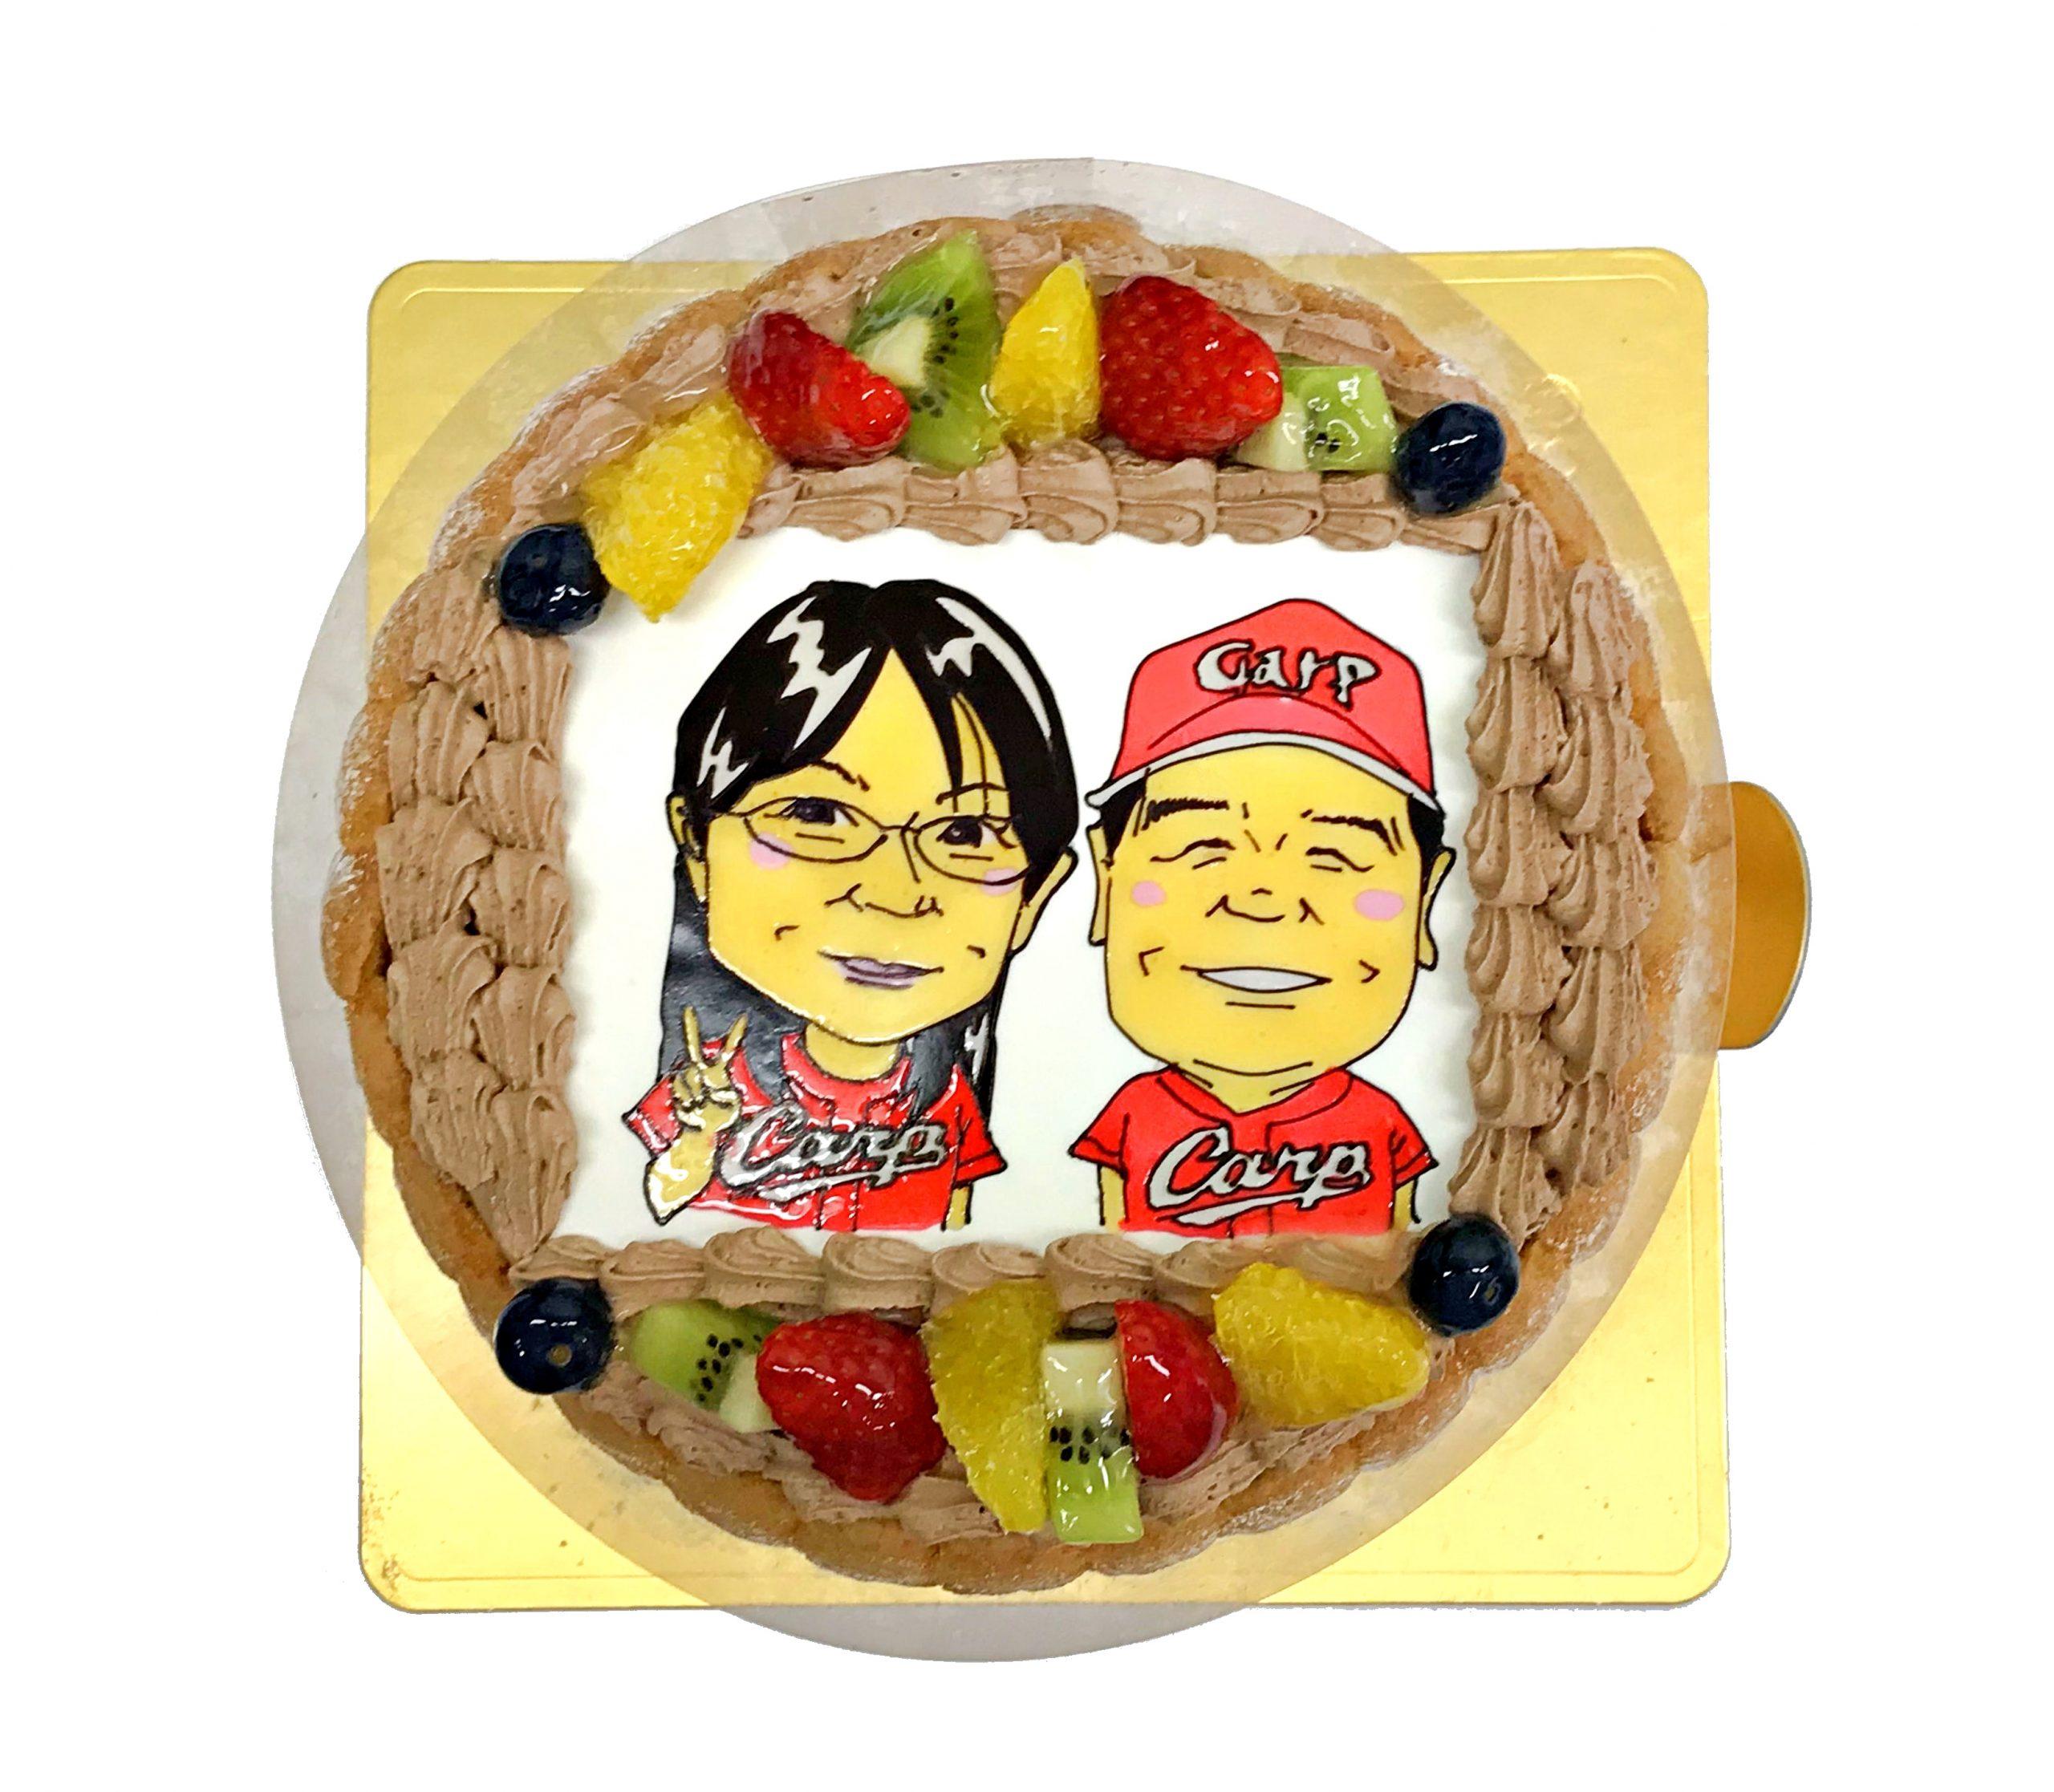 似顔絵ケーキ 広島カープ